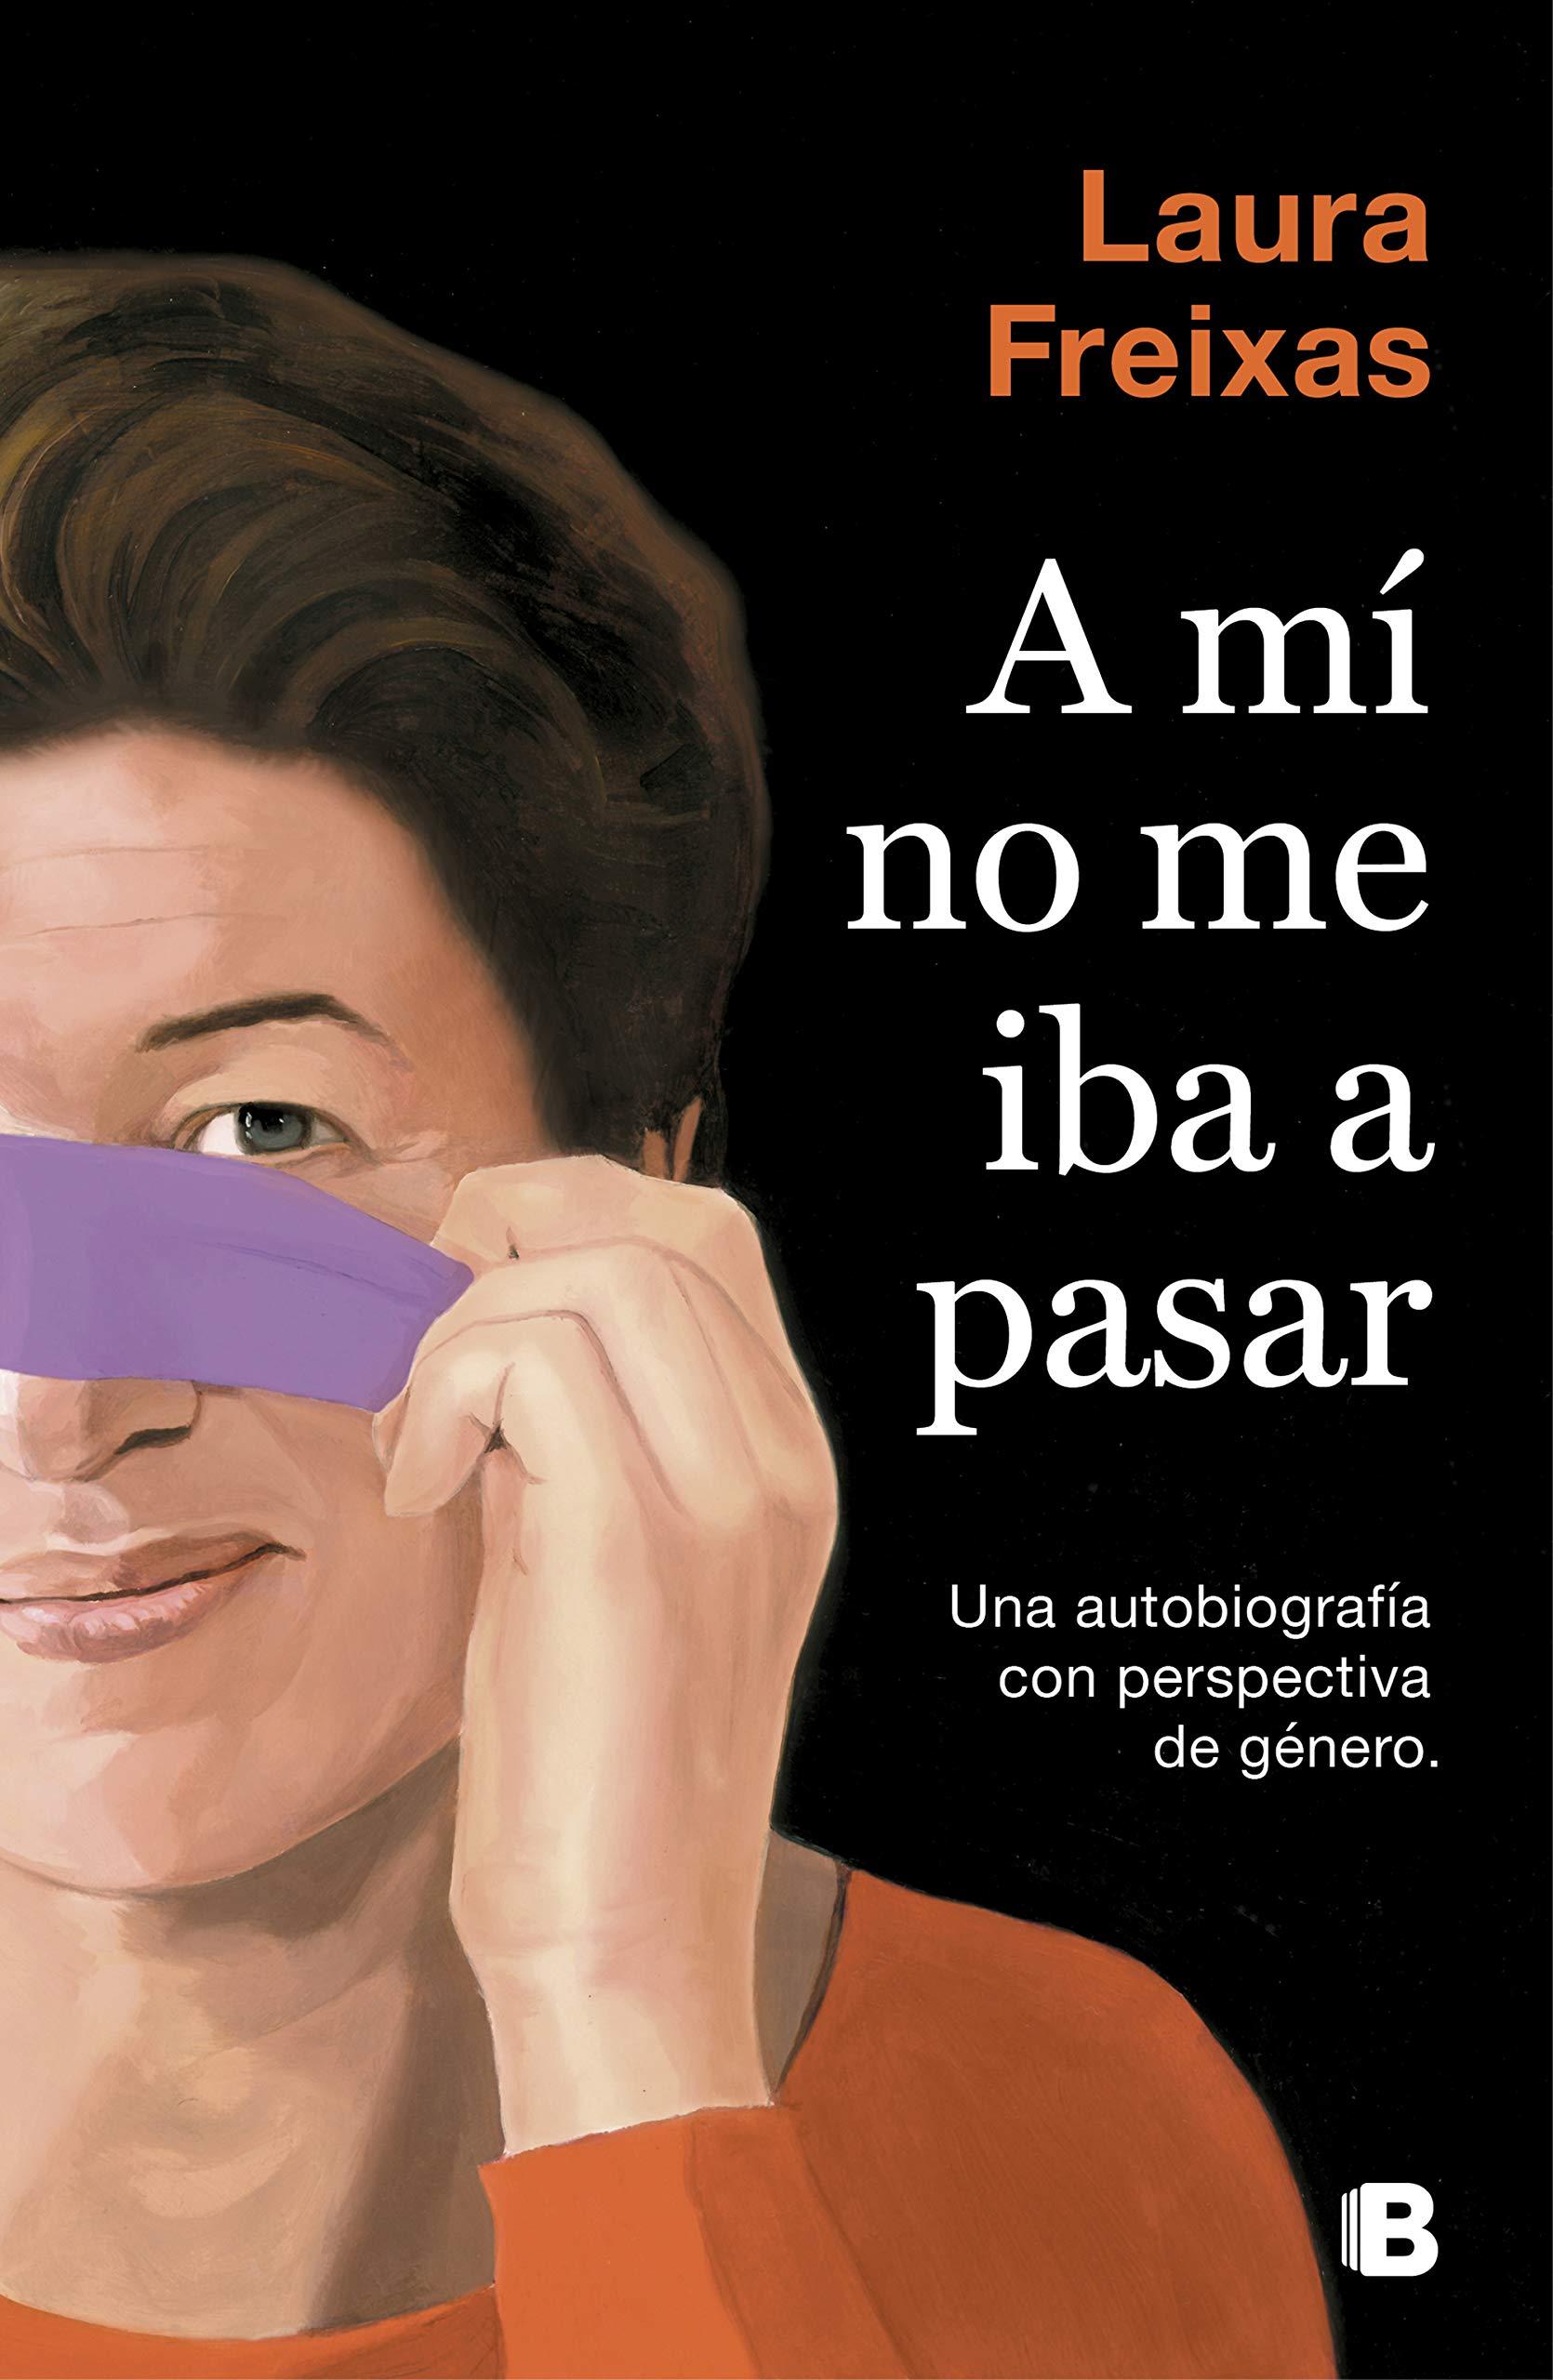 A mí no me iba a pasar: Una autobiografía con perspectiva de género por Laura Freixas